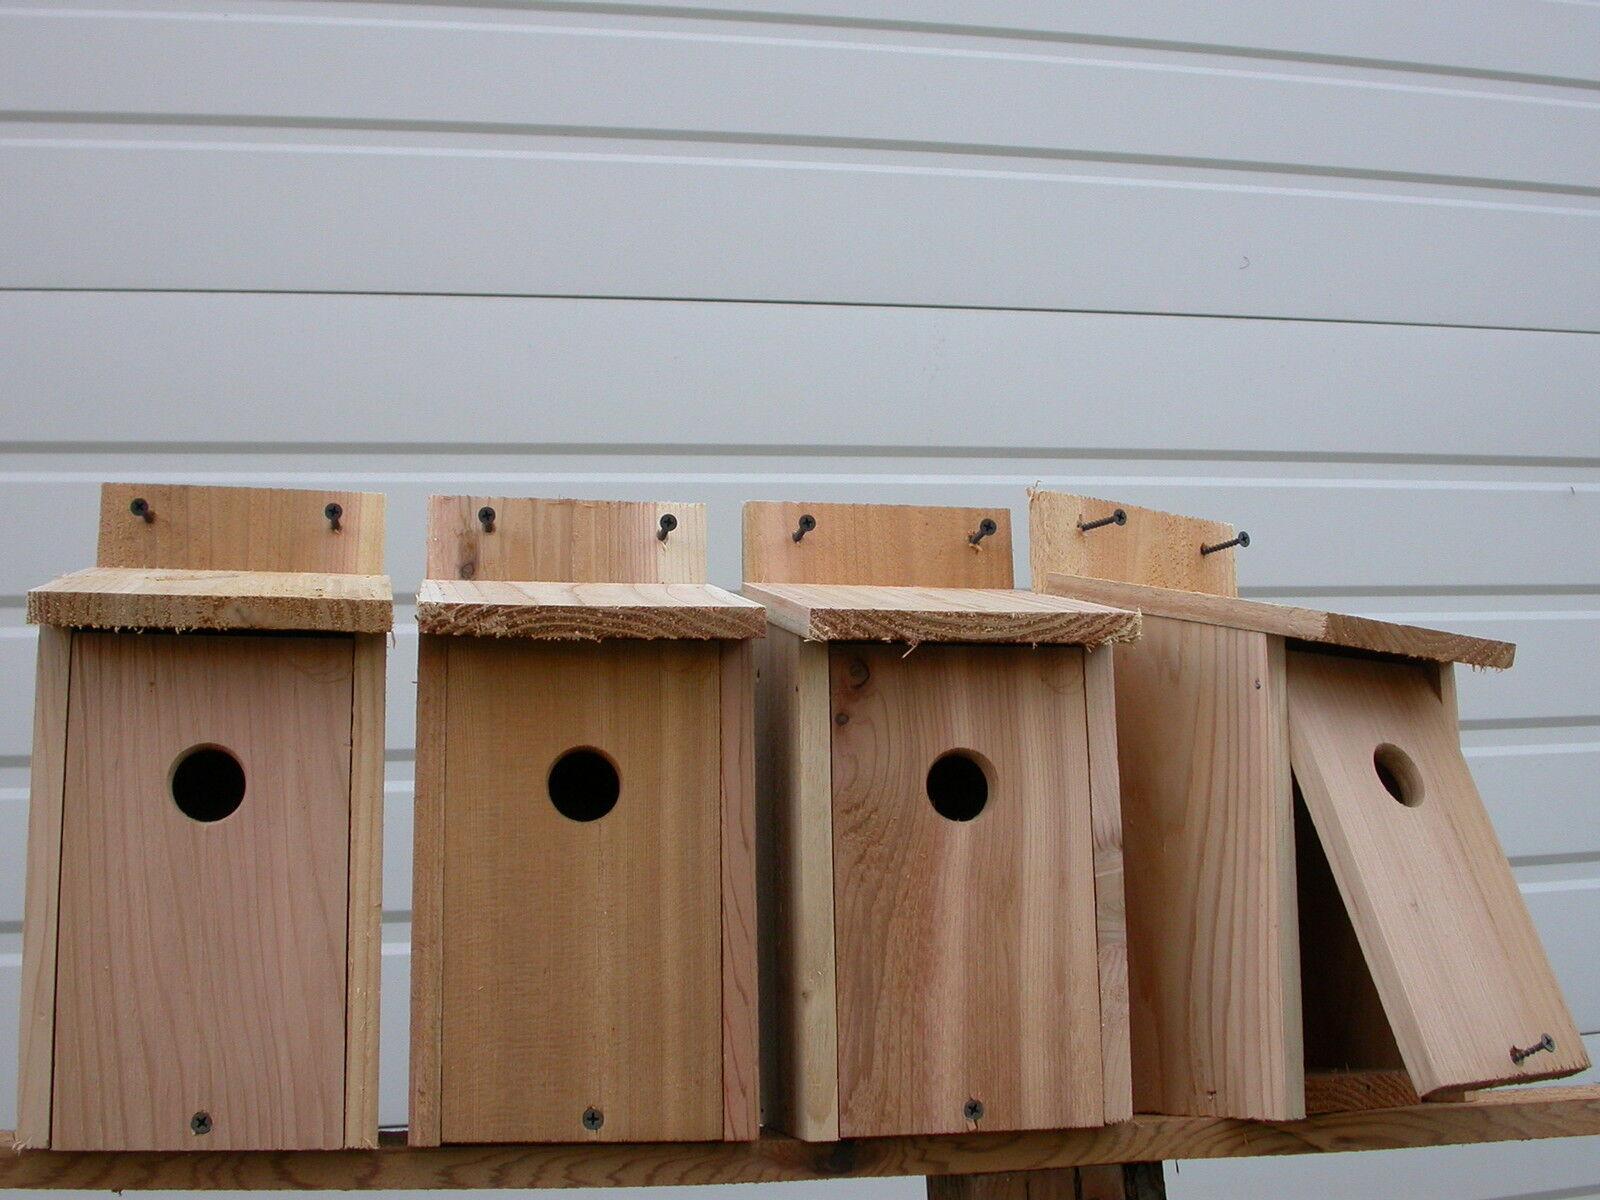 4 WREN  BIRD HOUSES NEST.. röd CEDAR ..HOLE storlek 1  1 8 fully assembled fri s h